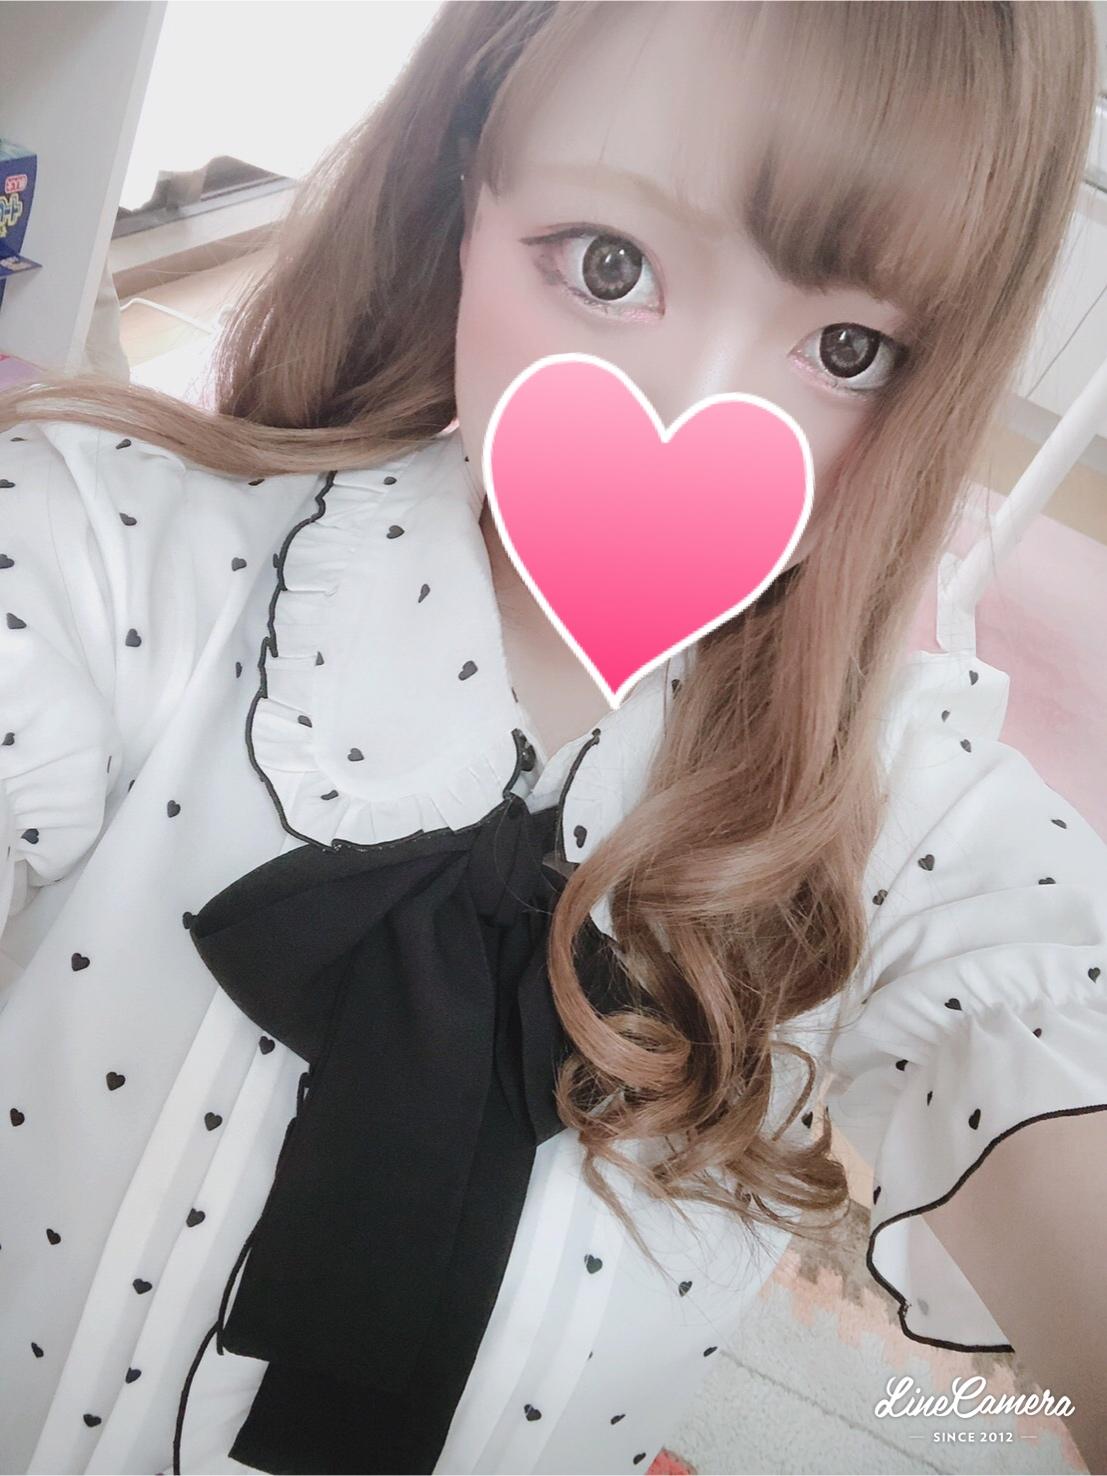 シオリ(19)